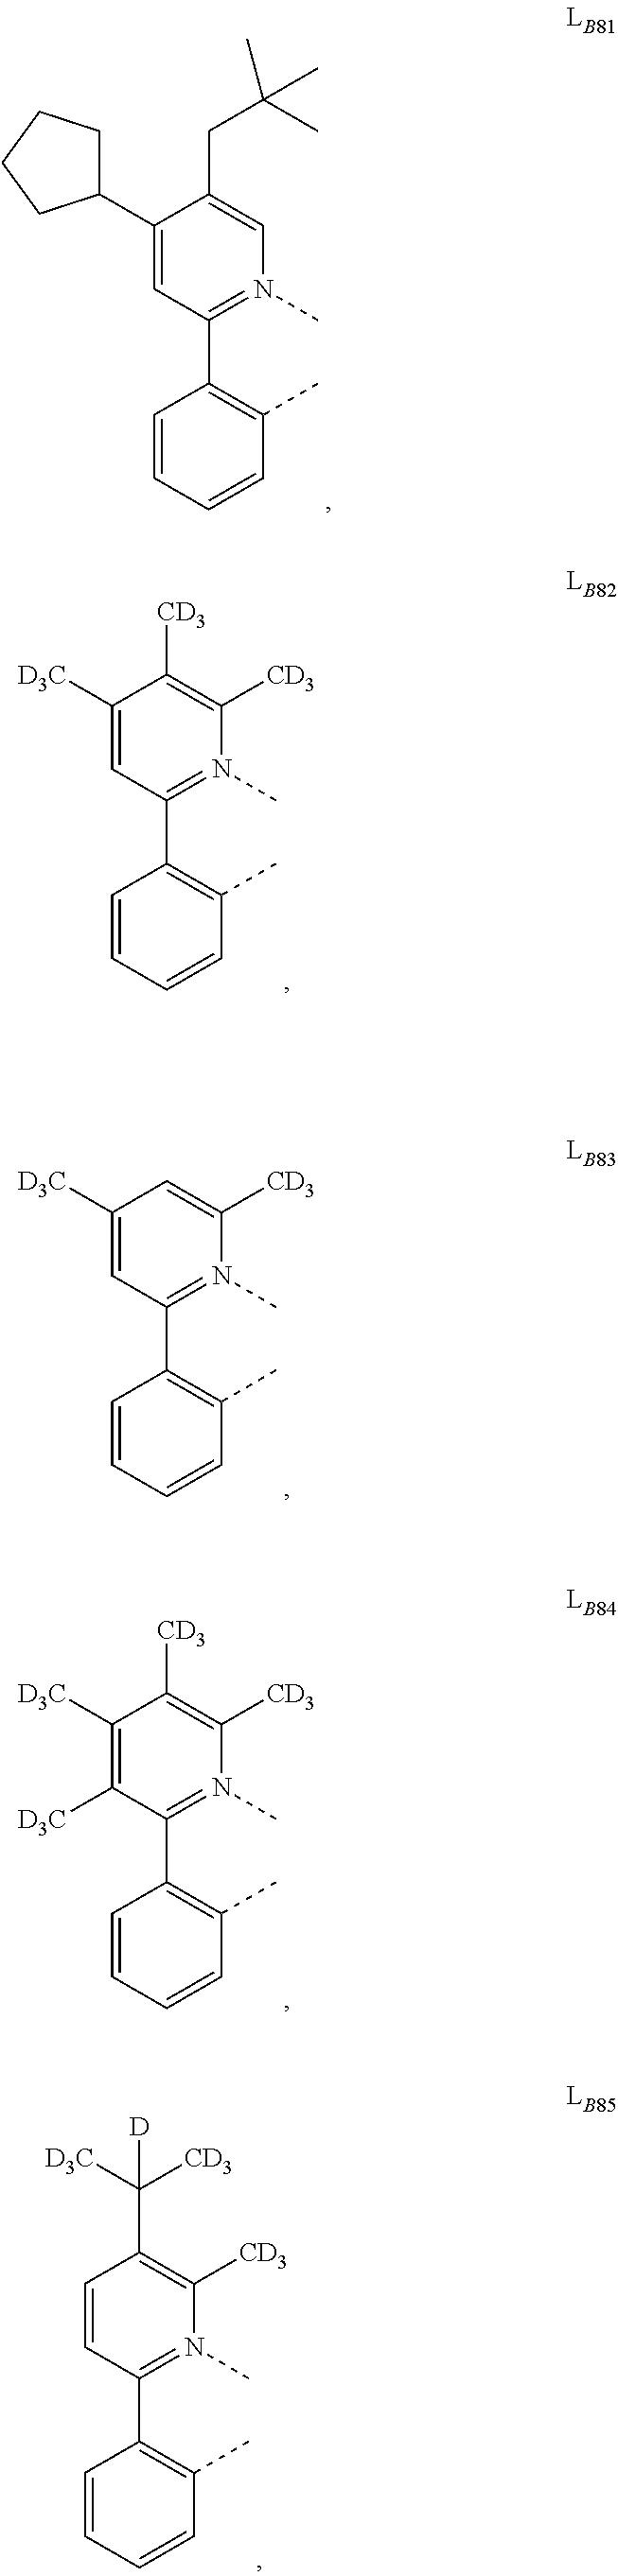 Figure US20160049599A1-20160218-C00513